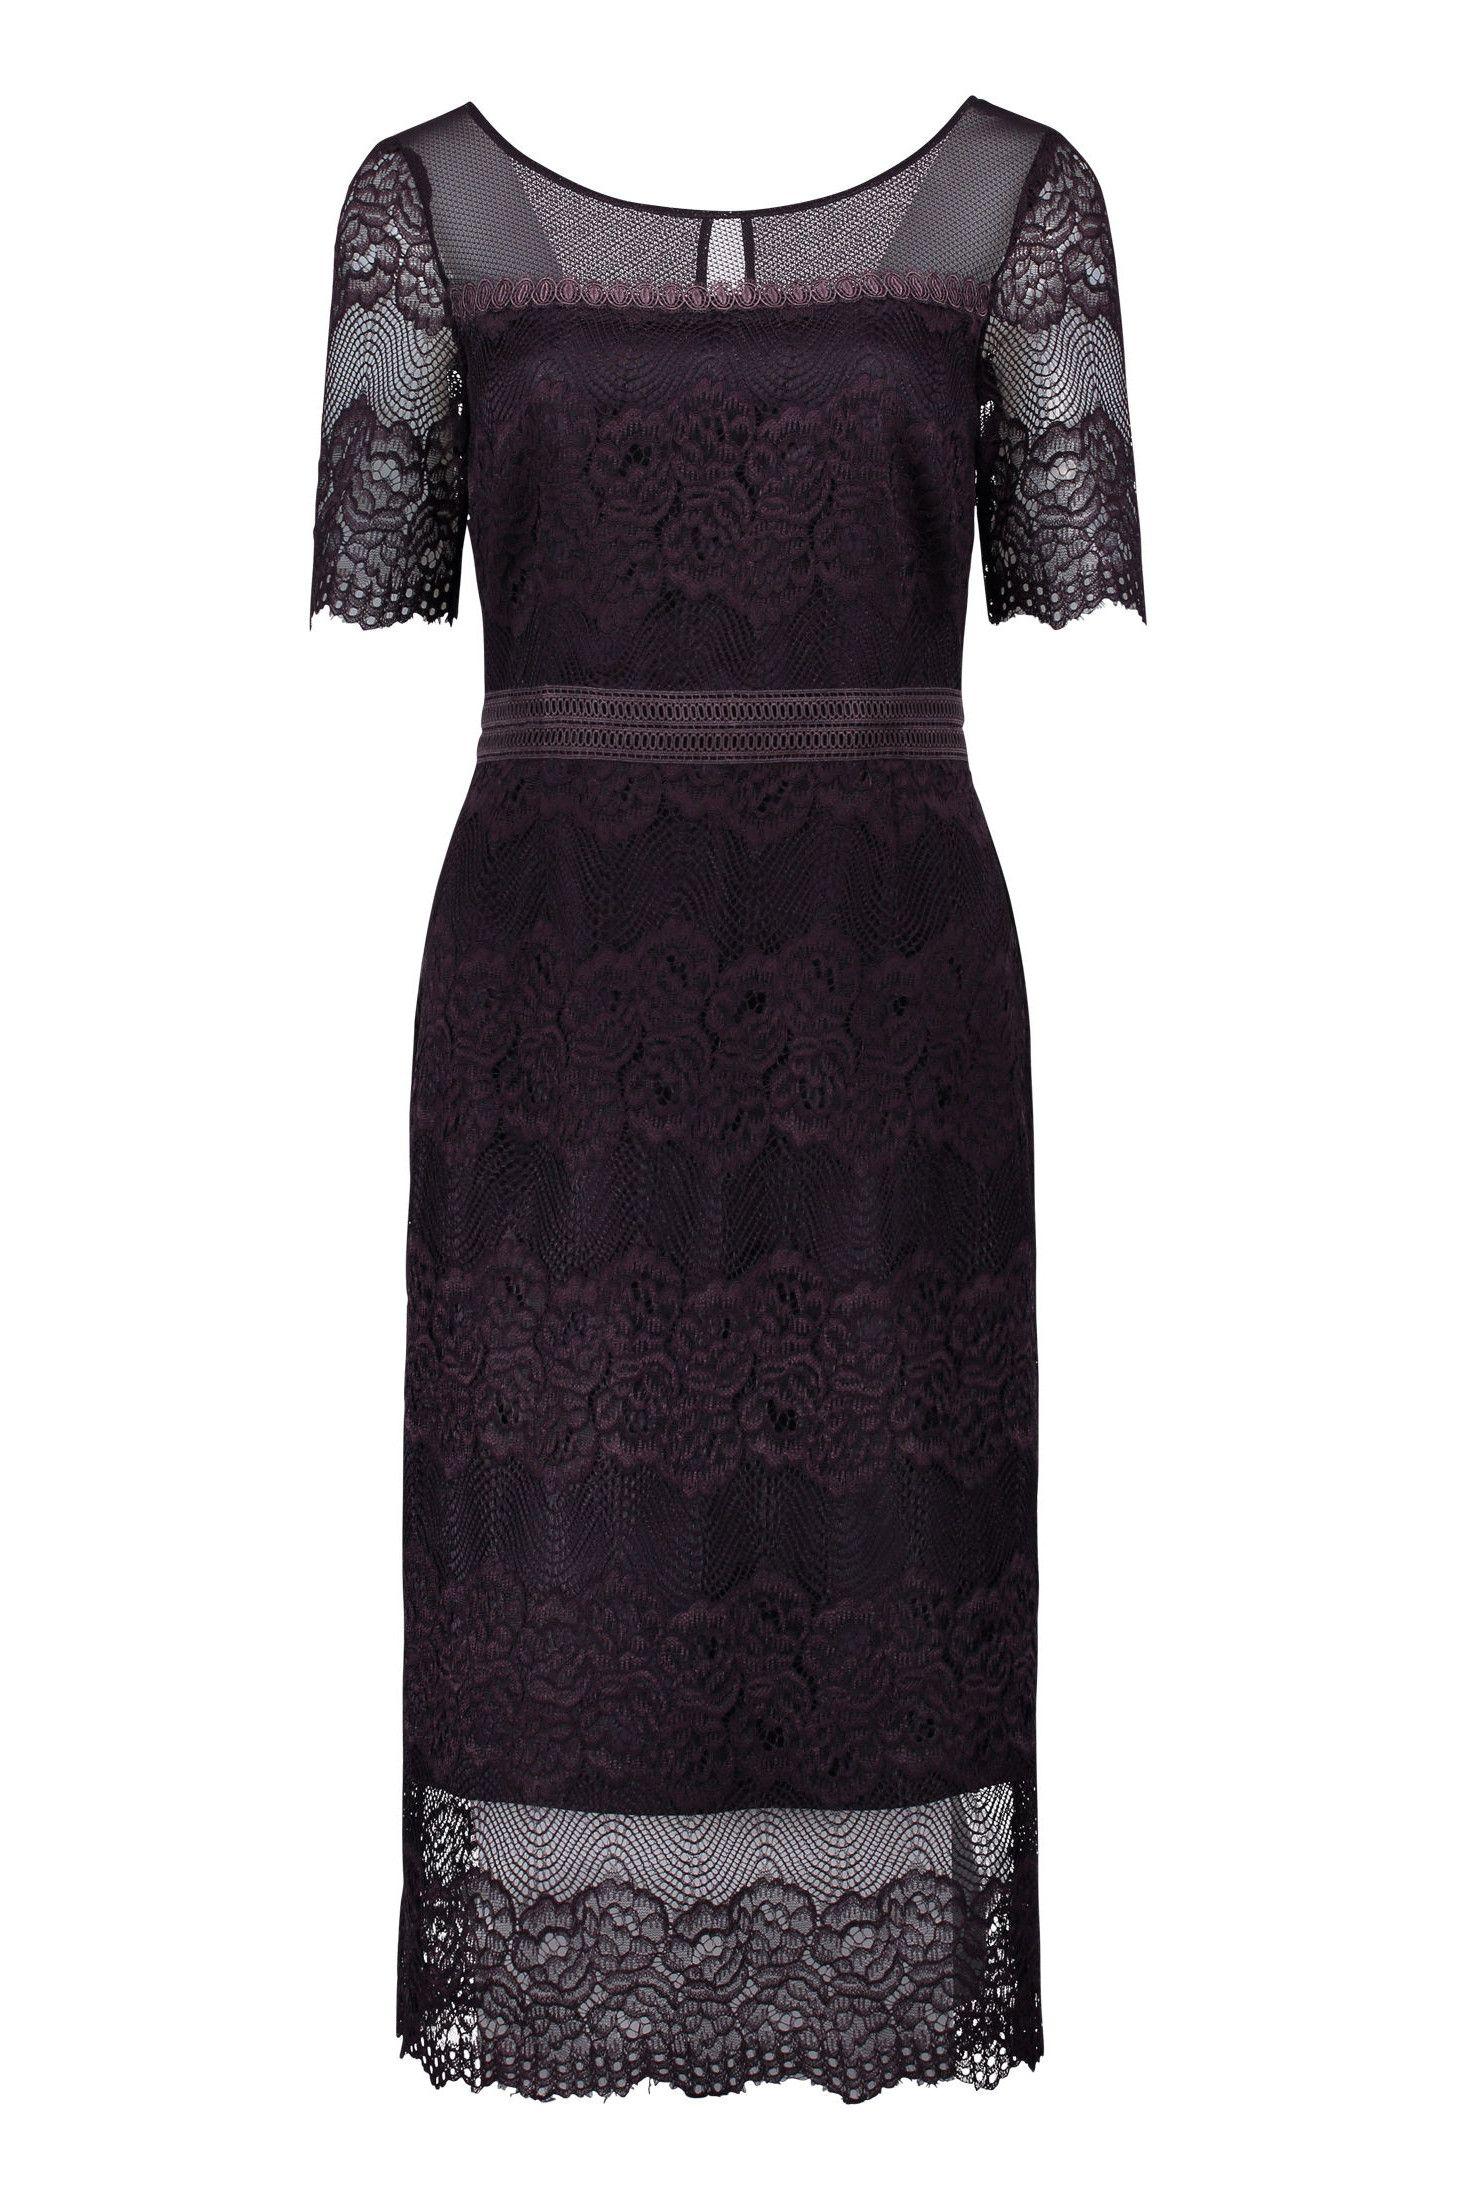 159766ae1f6269 Spitzenkleid mit Ärmel | Kurze Cocktailkleider | Dresses, Fashion ...